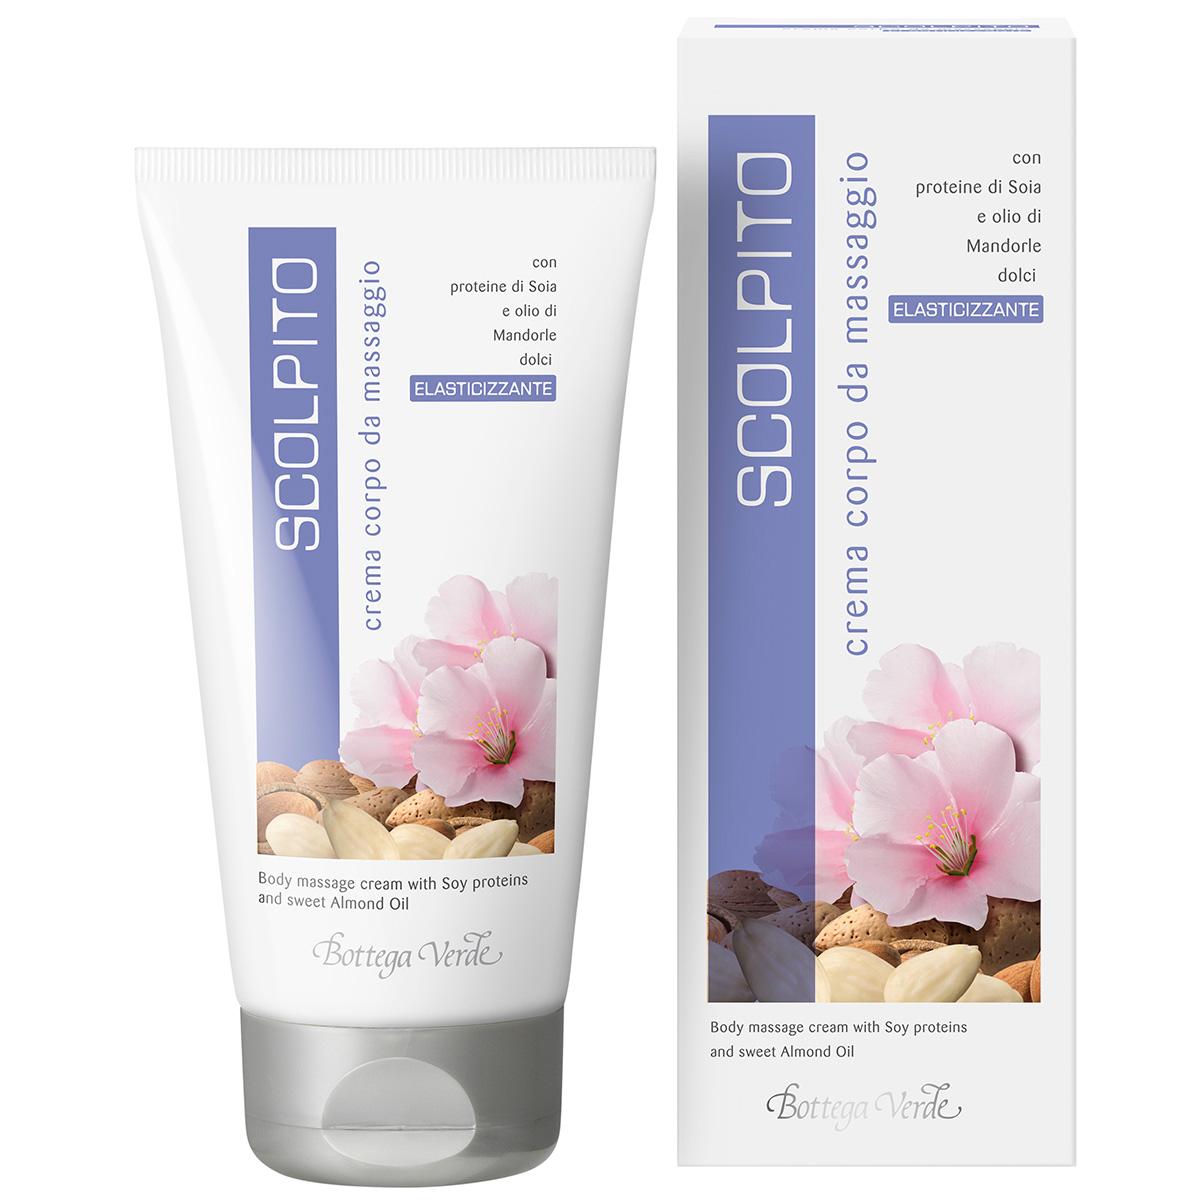 Crema de corp pentru masaj cu proteine de soia si ulei de migdale dulci - Scolpito, 150 ML